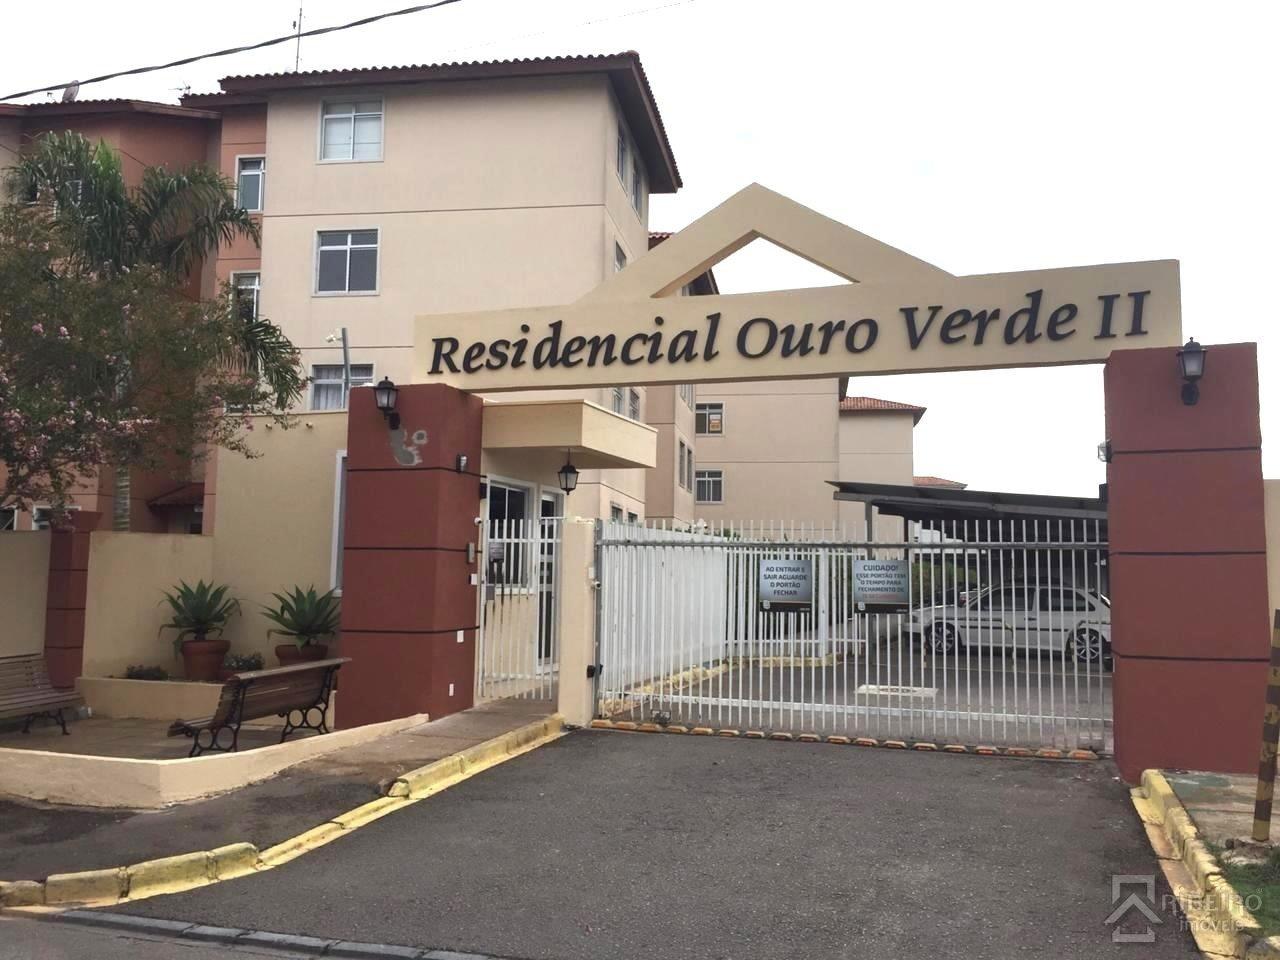 REF. 2213 -  São José Dos Pinhais - Rua  Professora Magali Aparecida Pampuch, 218 - Apto 402 - Bl 03